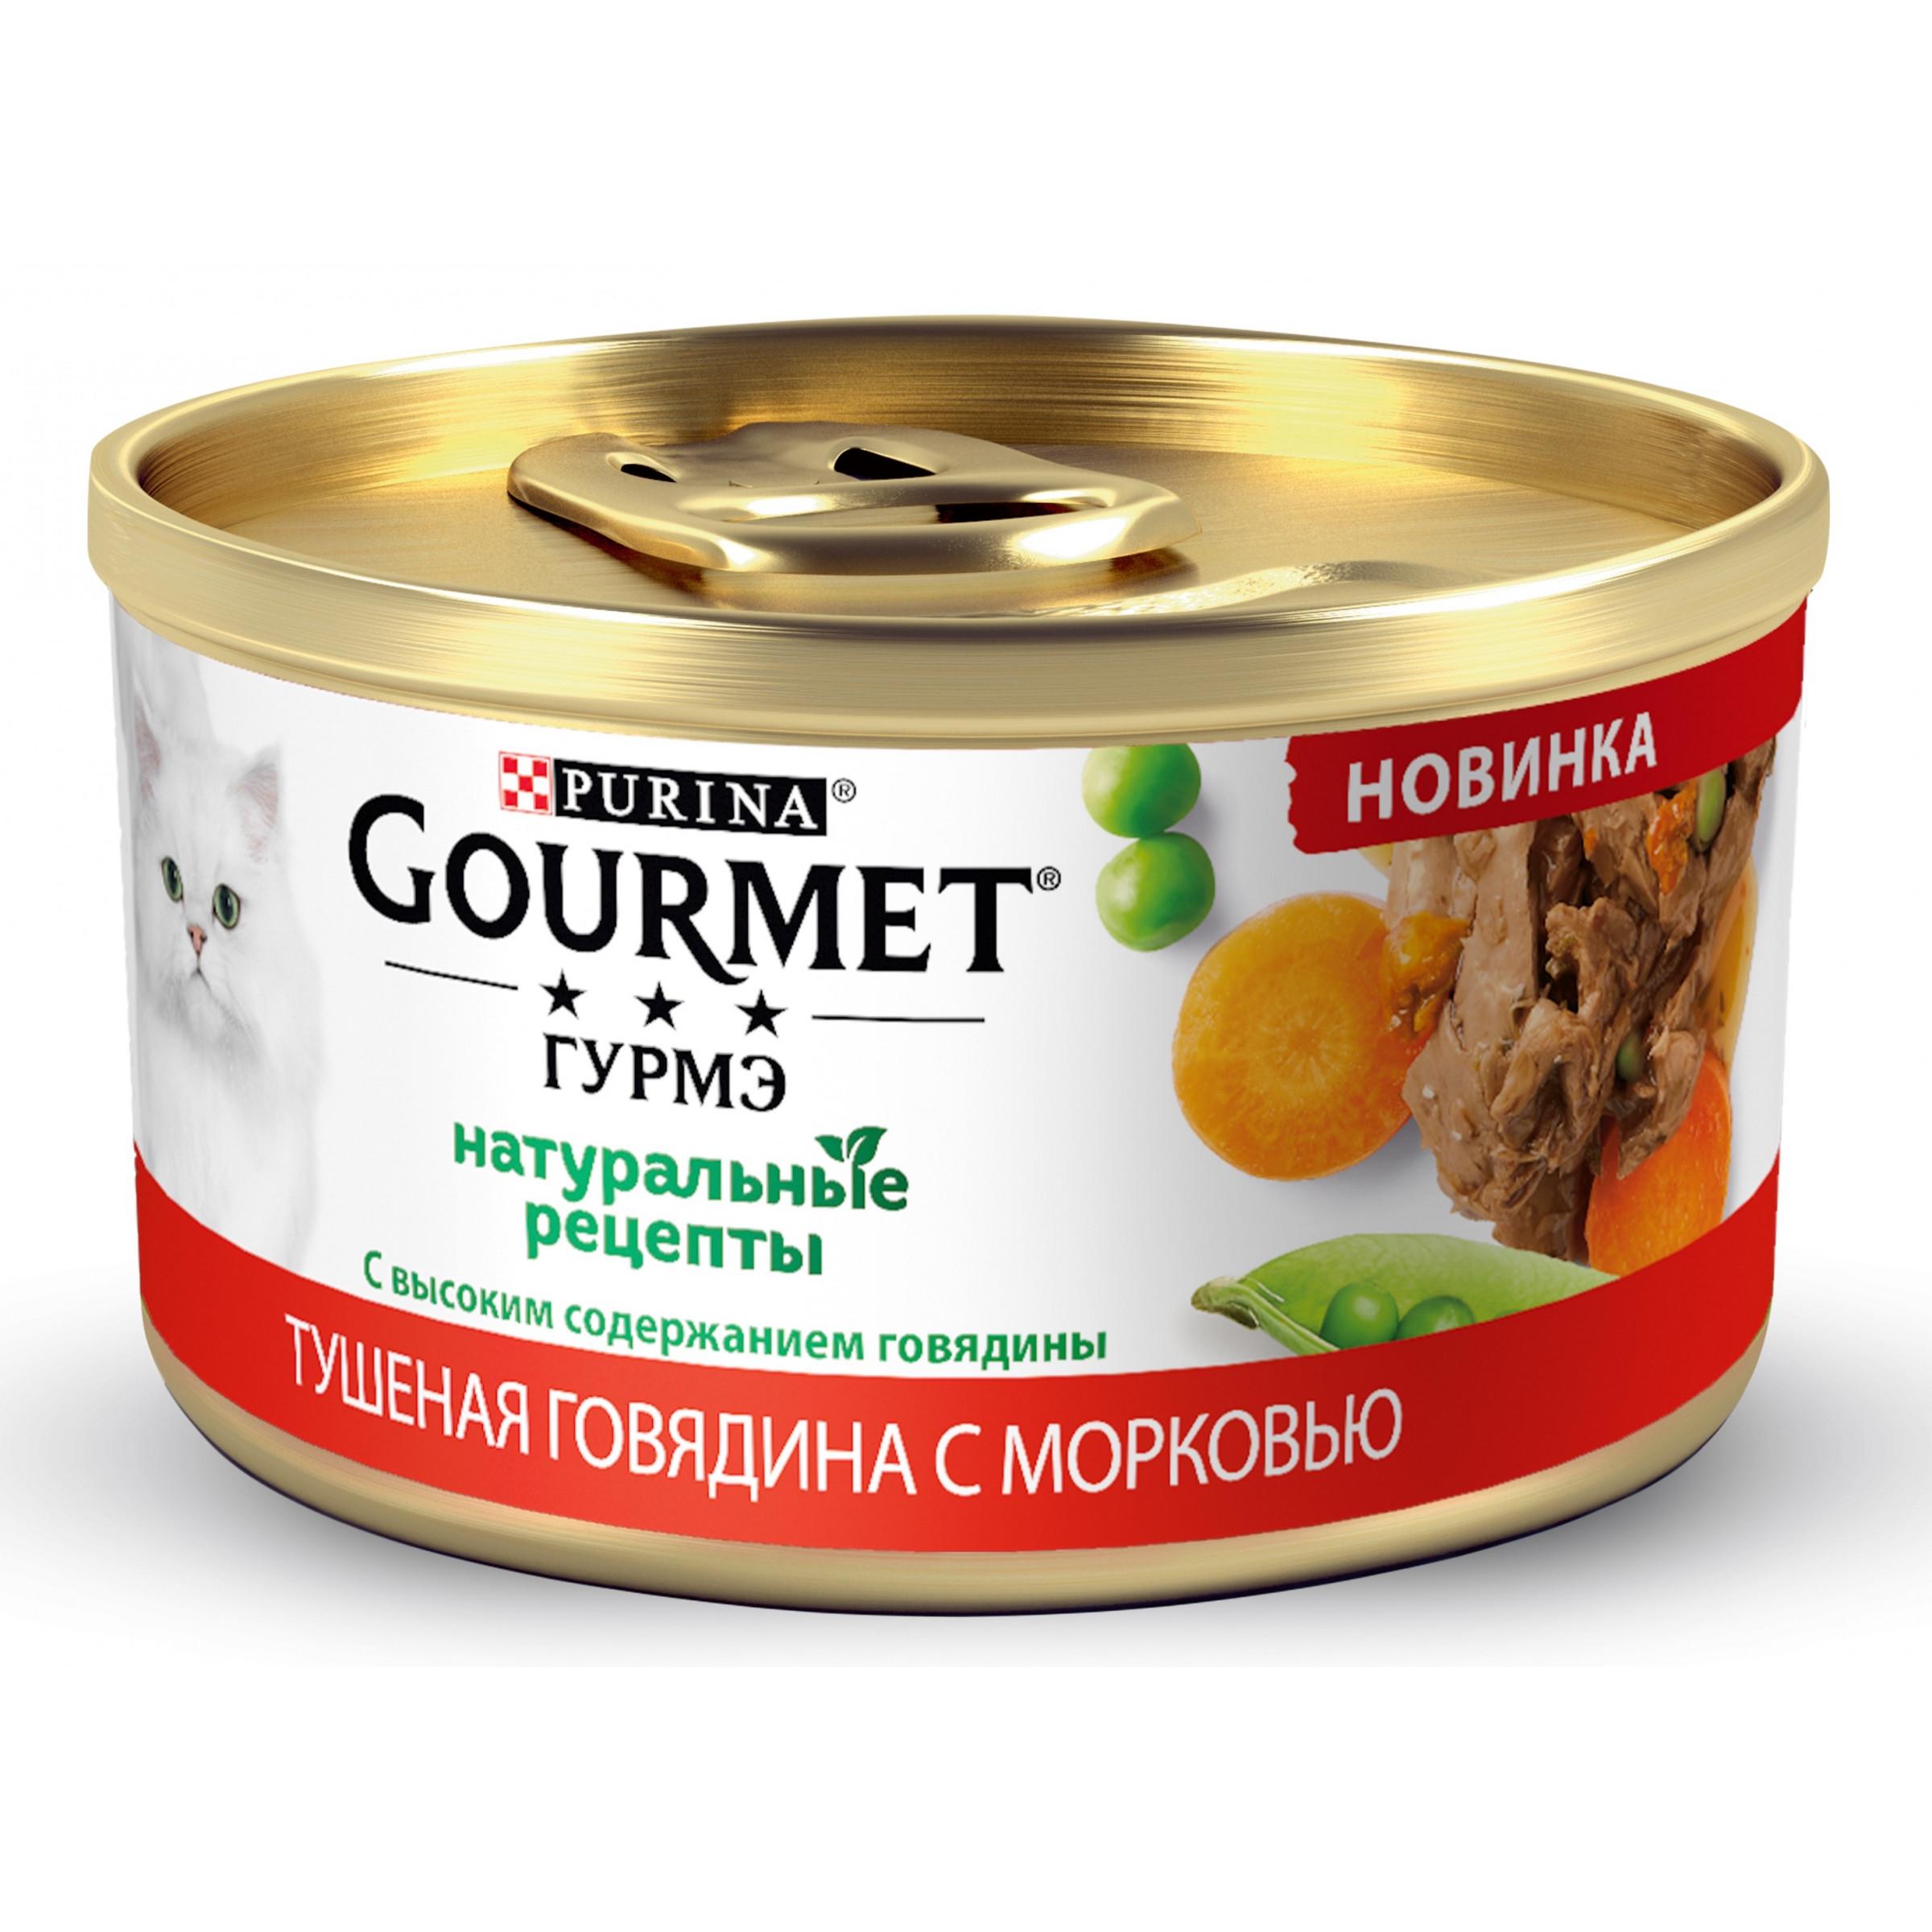 Консервы Gourmet Гурмэ Натуральные рецепты для кошек с тушеной говядиной и с морковью, банка 85 г